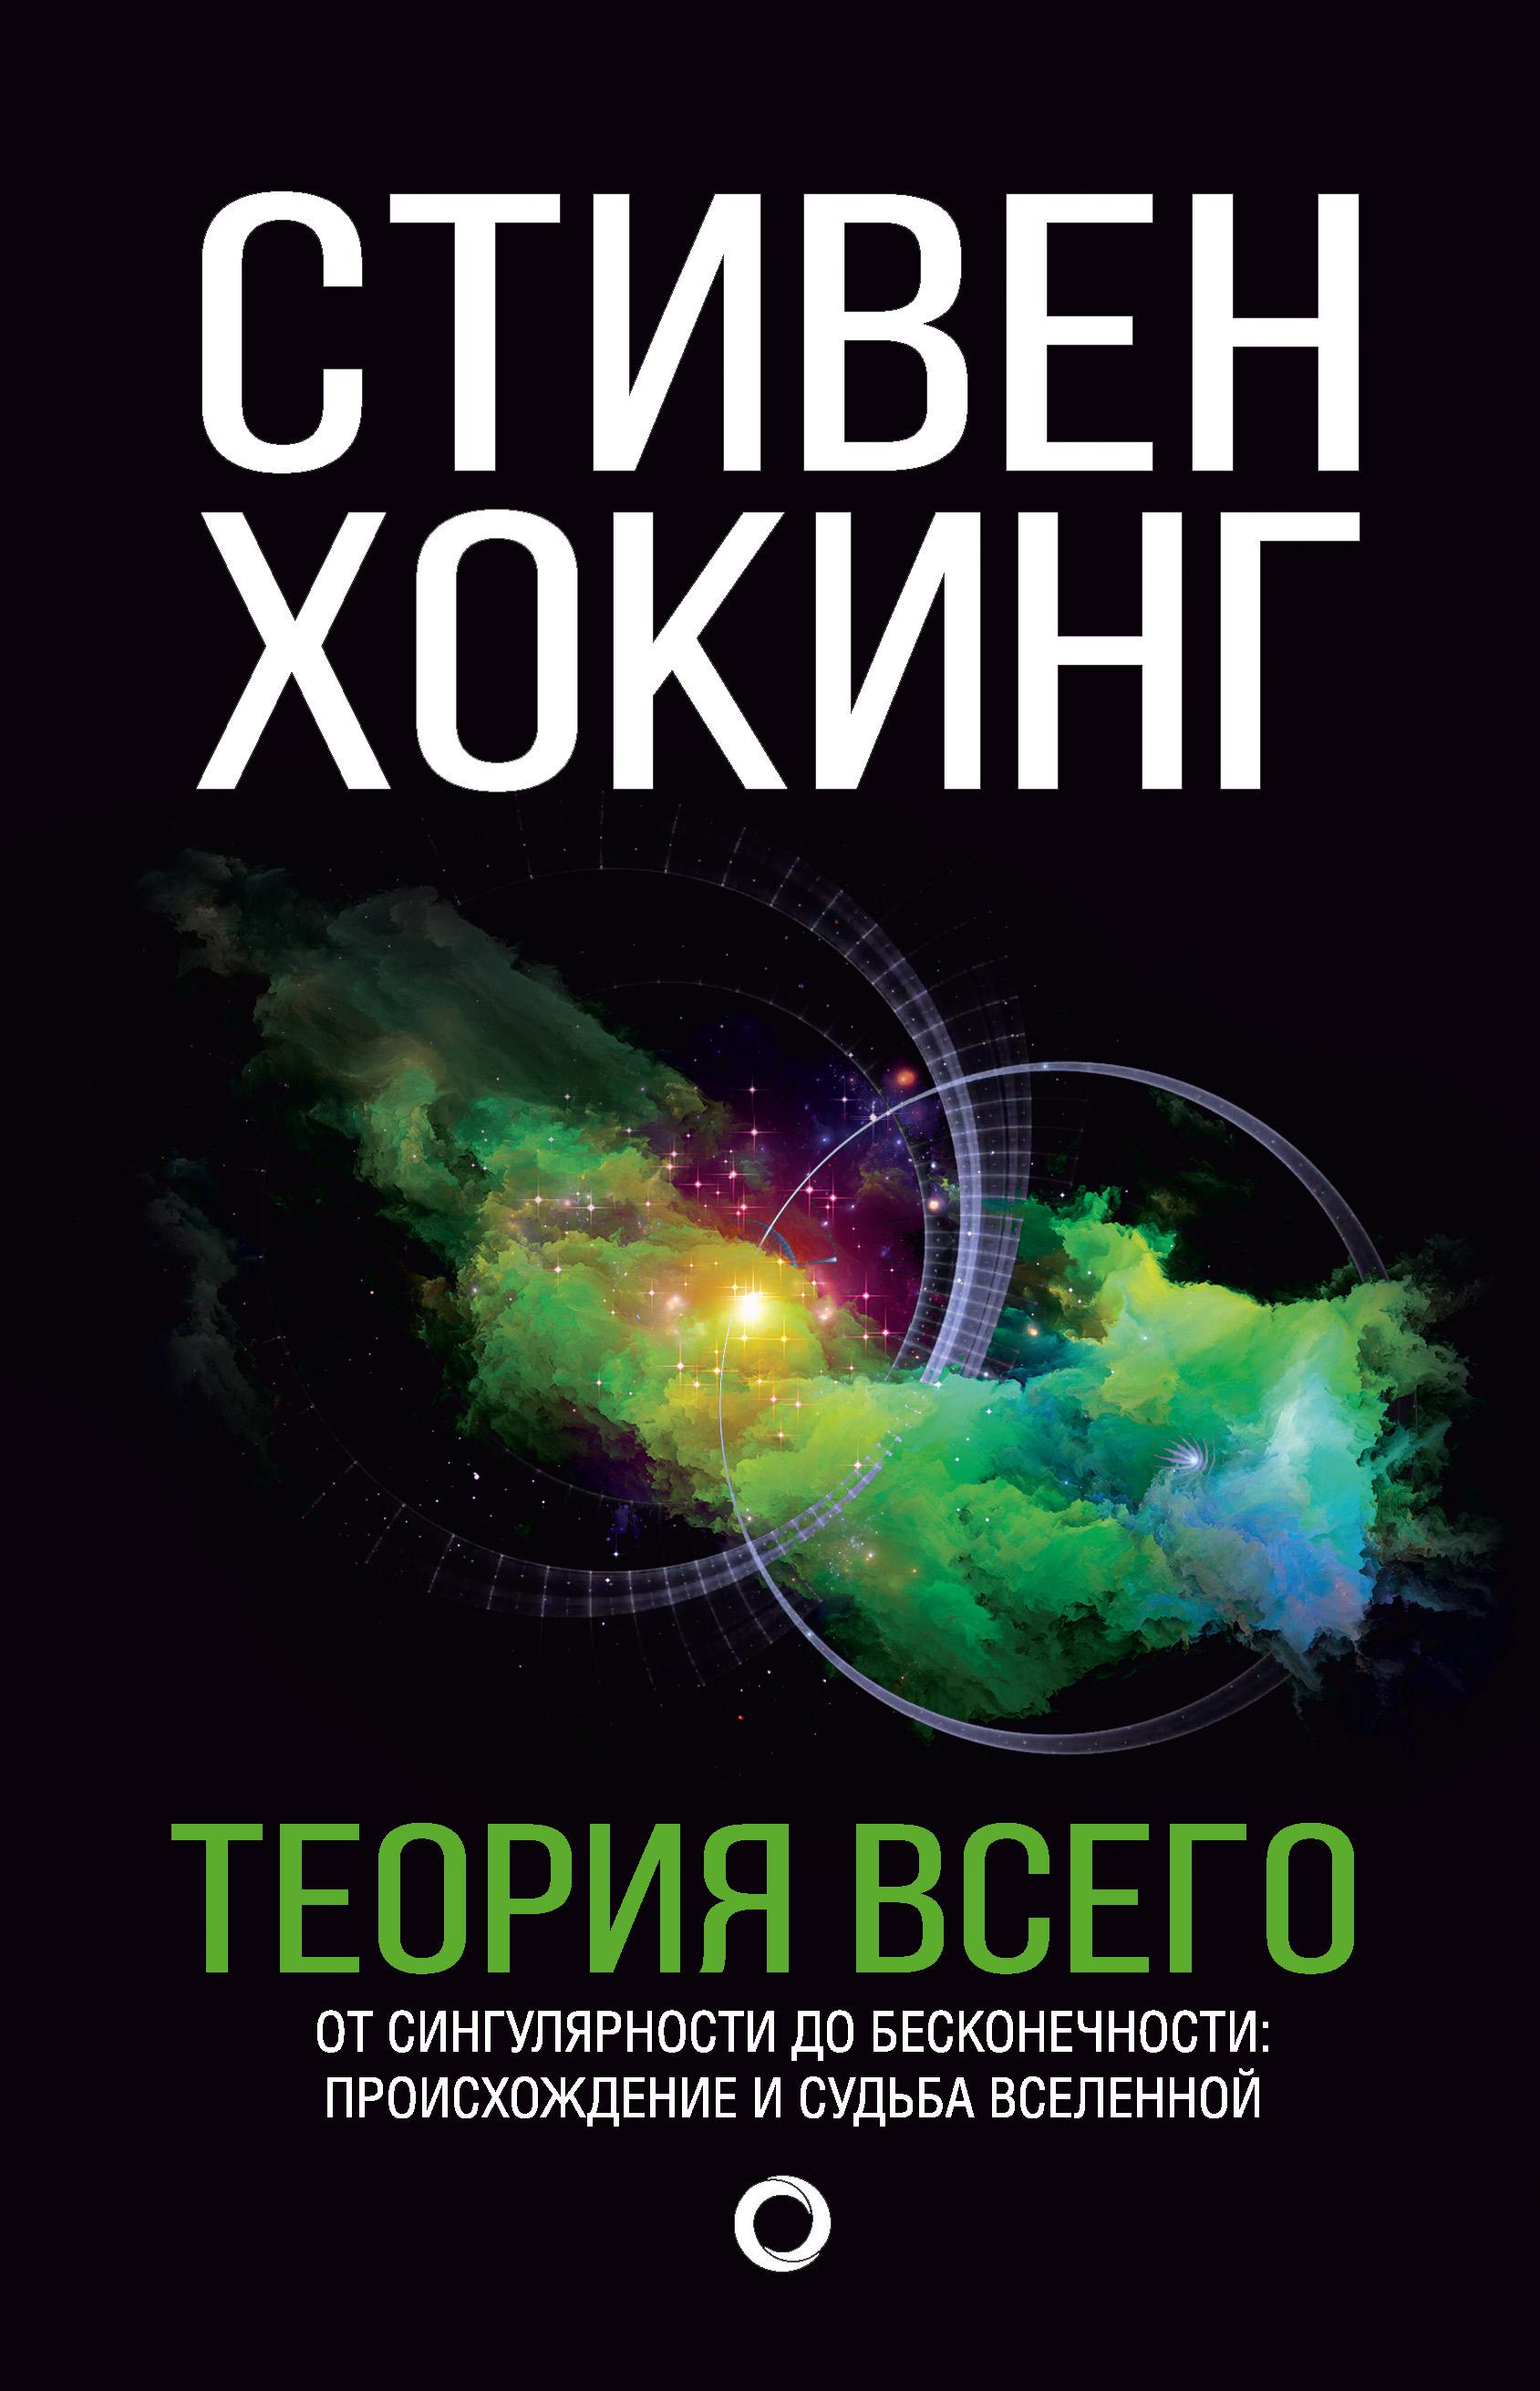 Стивен Хокинг «Теория всего. От сингулярности до бесконечности: происхождение и судьба Вселенной»